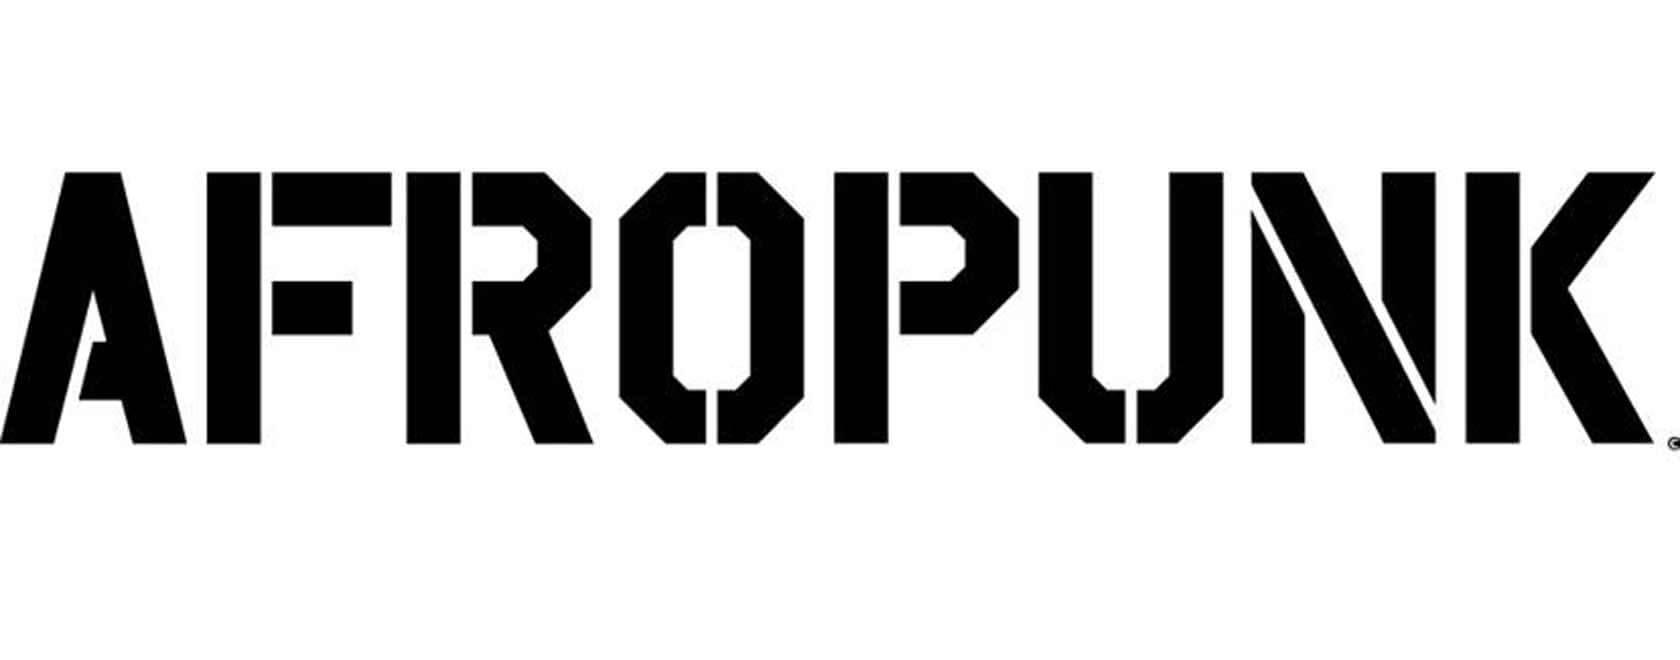 afropunk-logo1-1